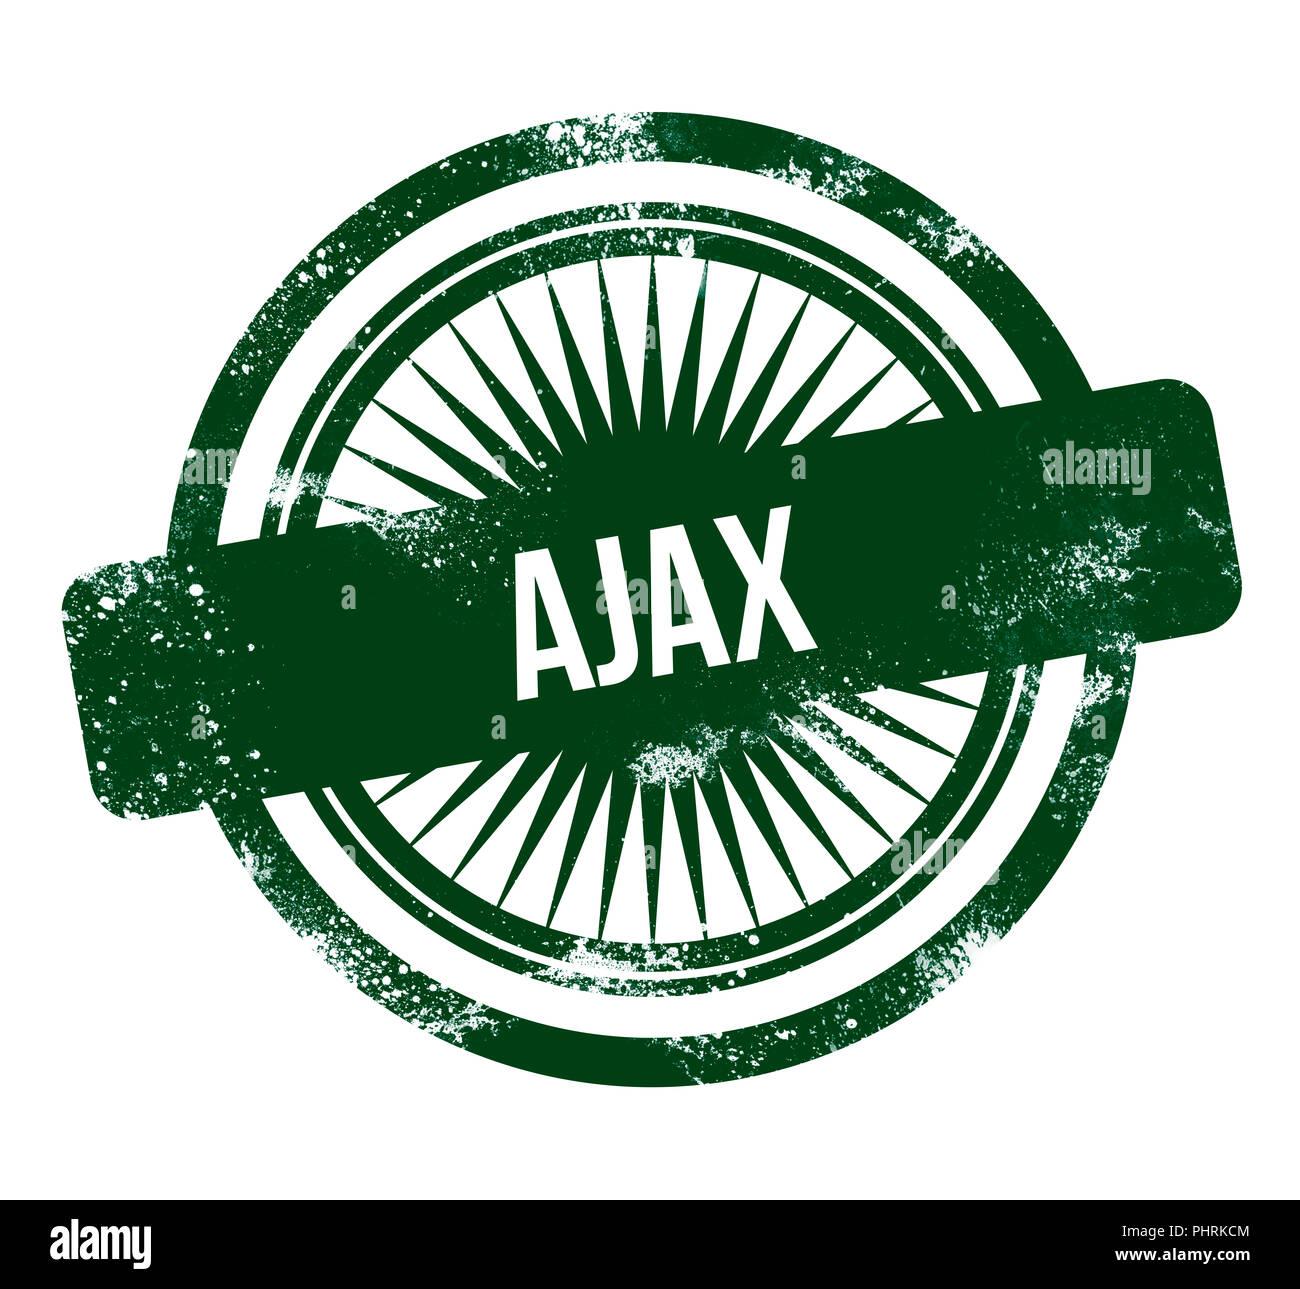 Ajax - green grunge stamp - Stock Image